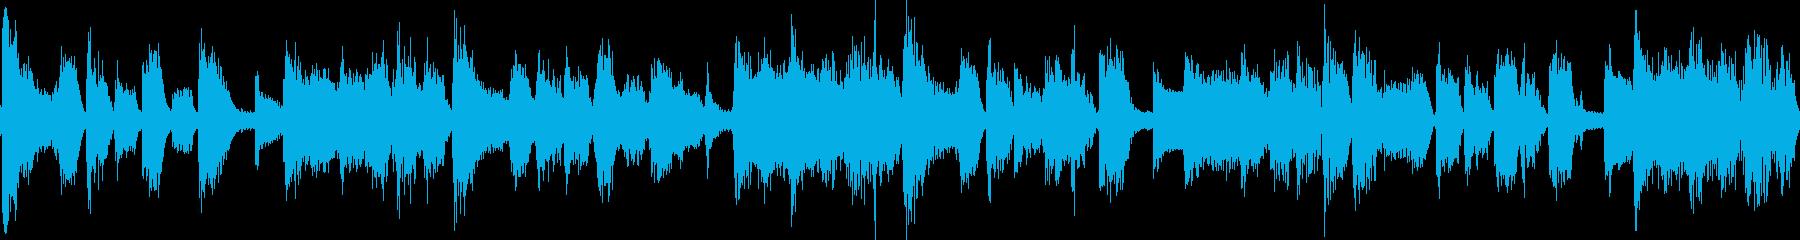 レトロな雰囲気のフュージョン_(ループ)の再生済みの波形